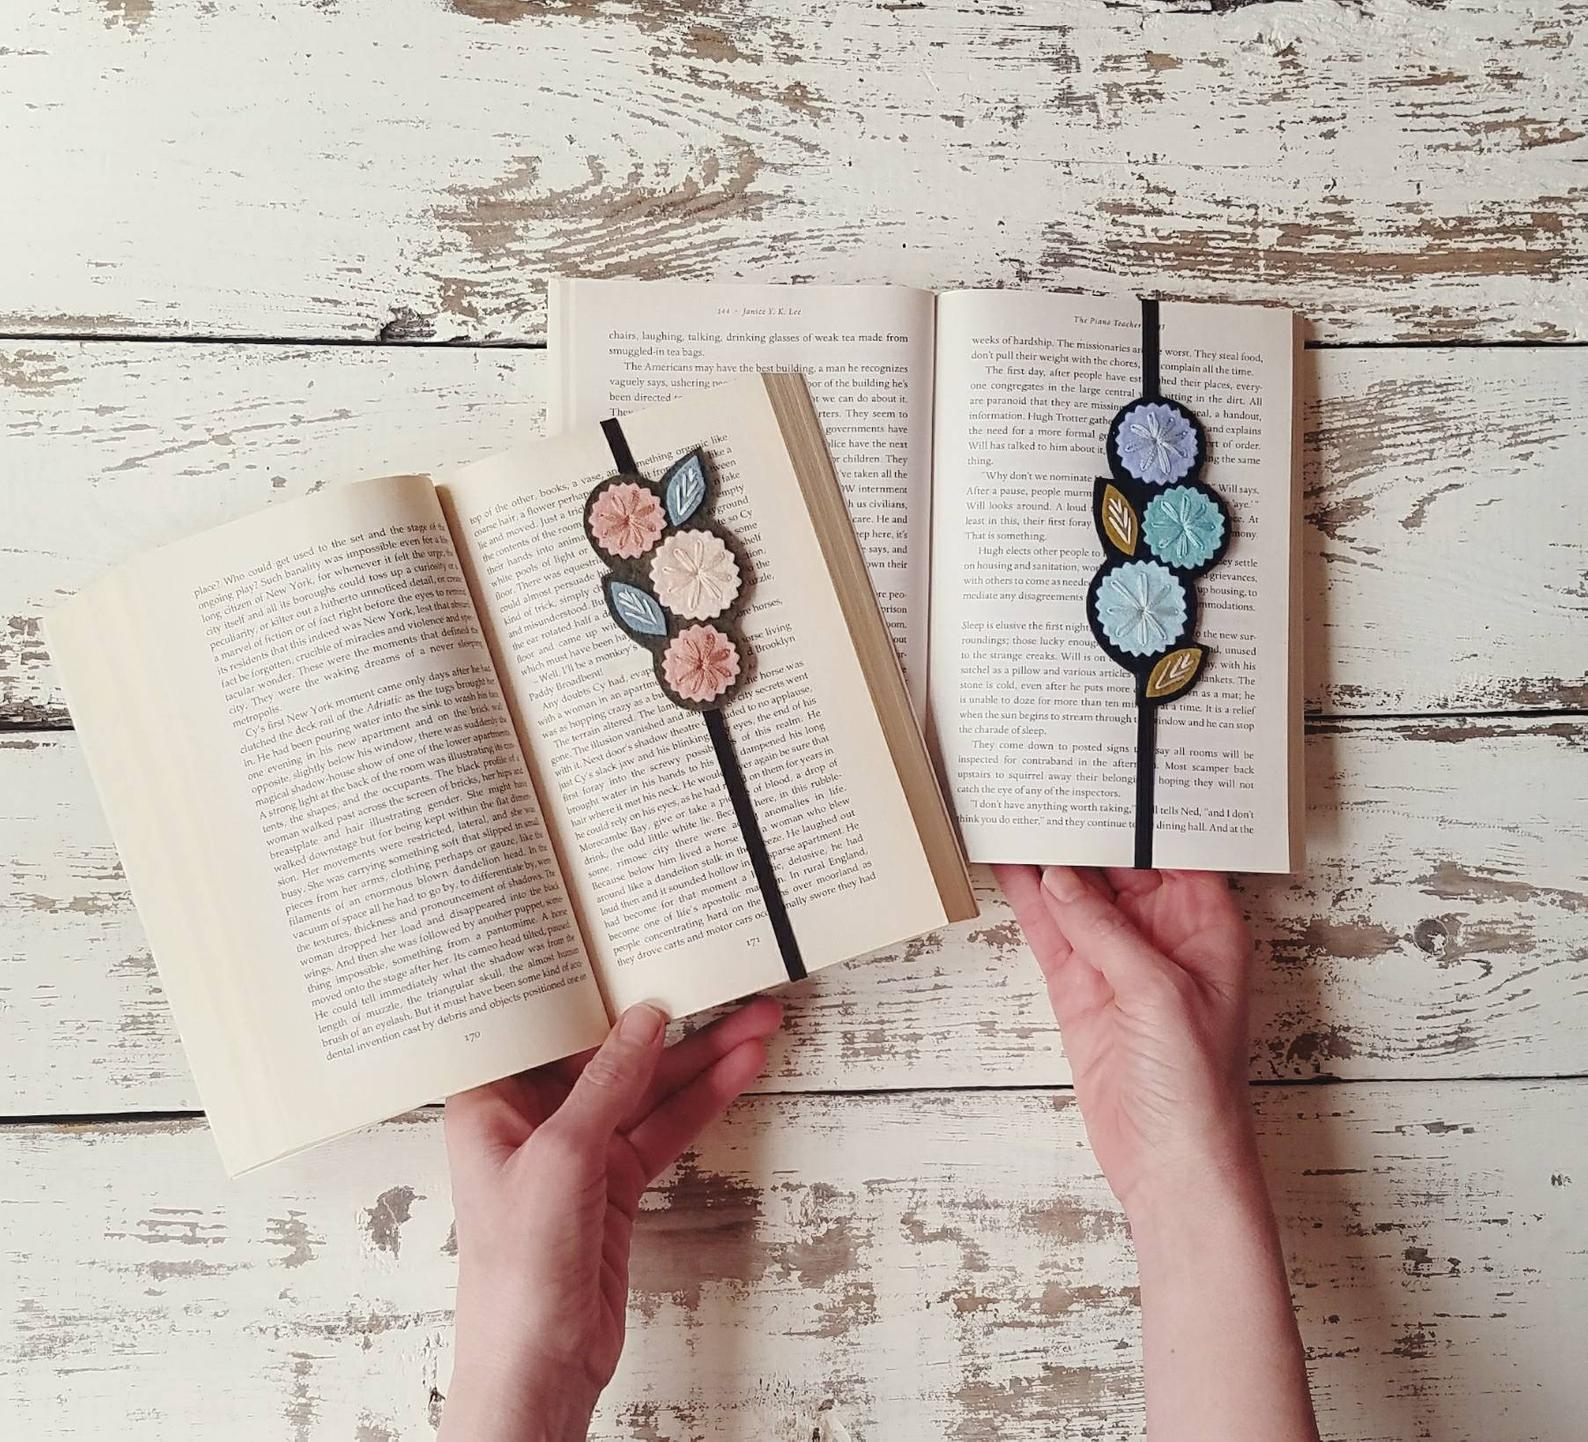 Закладки для книг своими руками из бумаги (шаблоны и инструкции внутри)